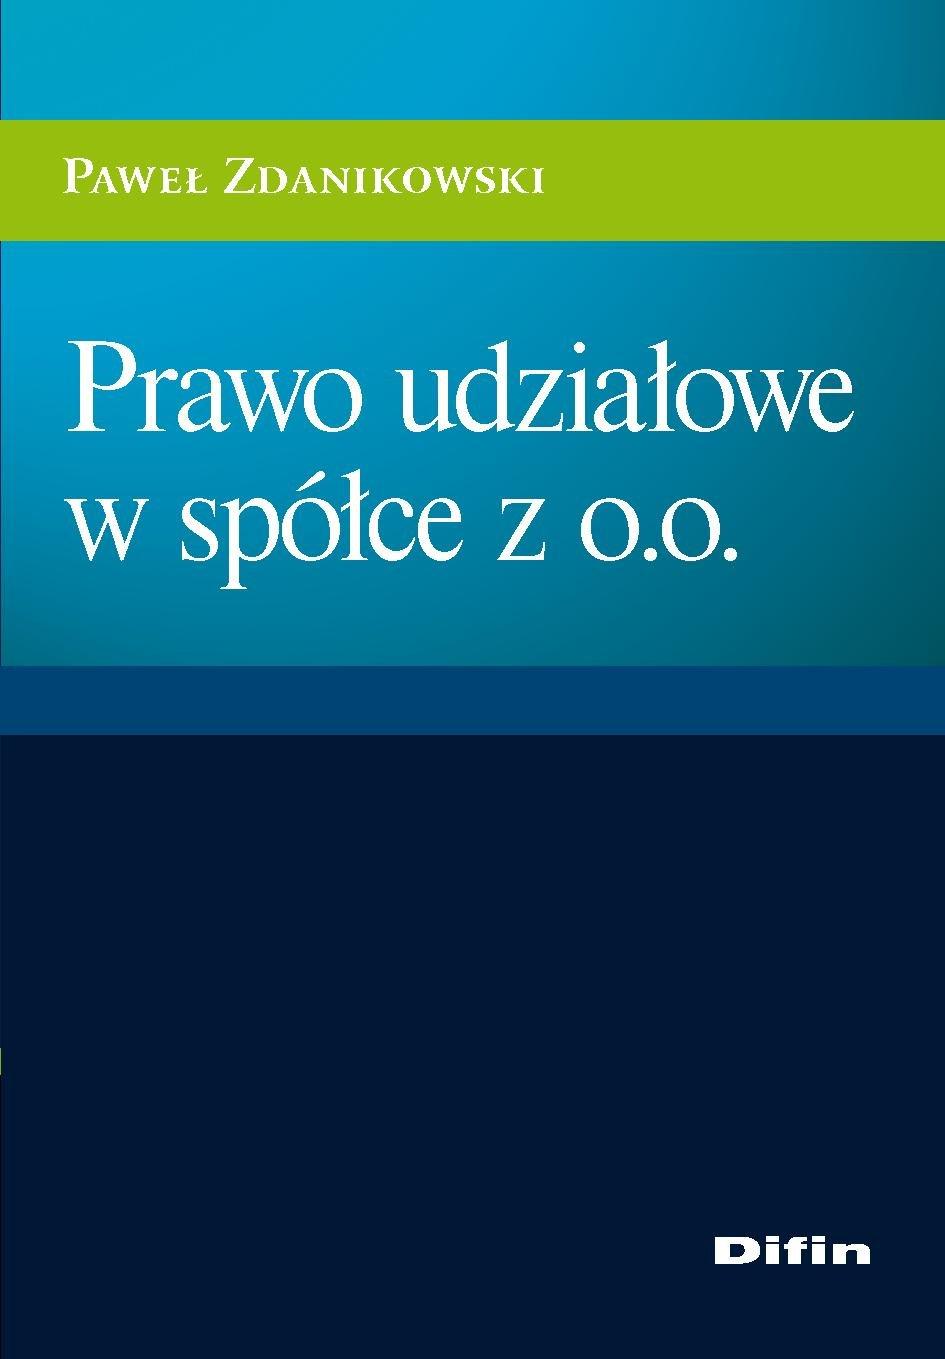 Prawo udziałowe w spółce z o.o. - Ebook (Książka PDF) do pobrania w formacie PDF